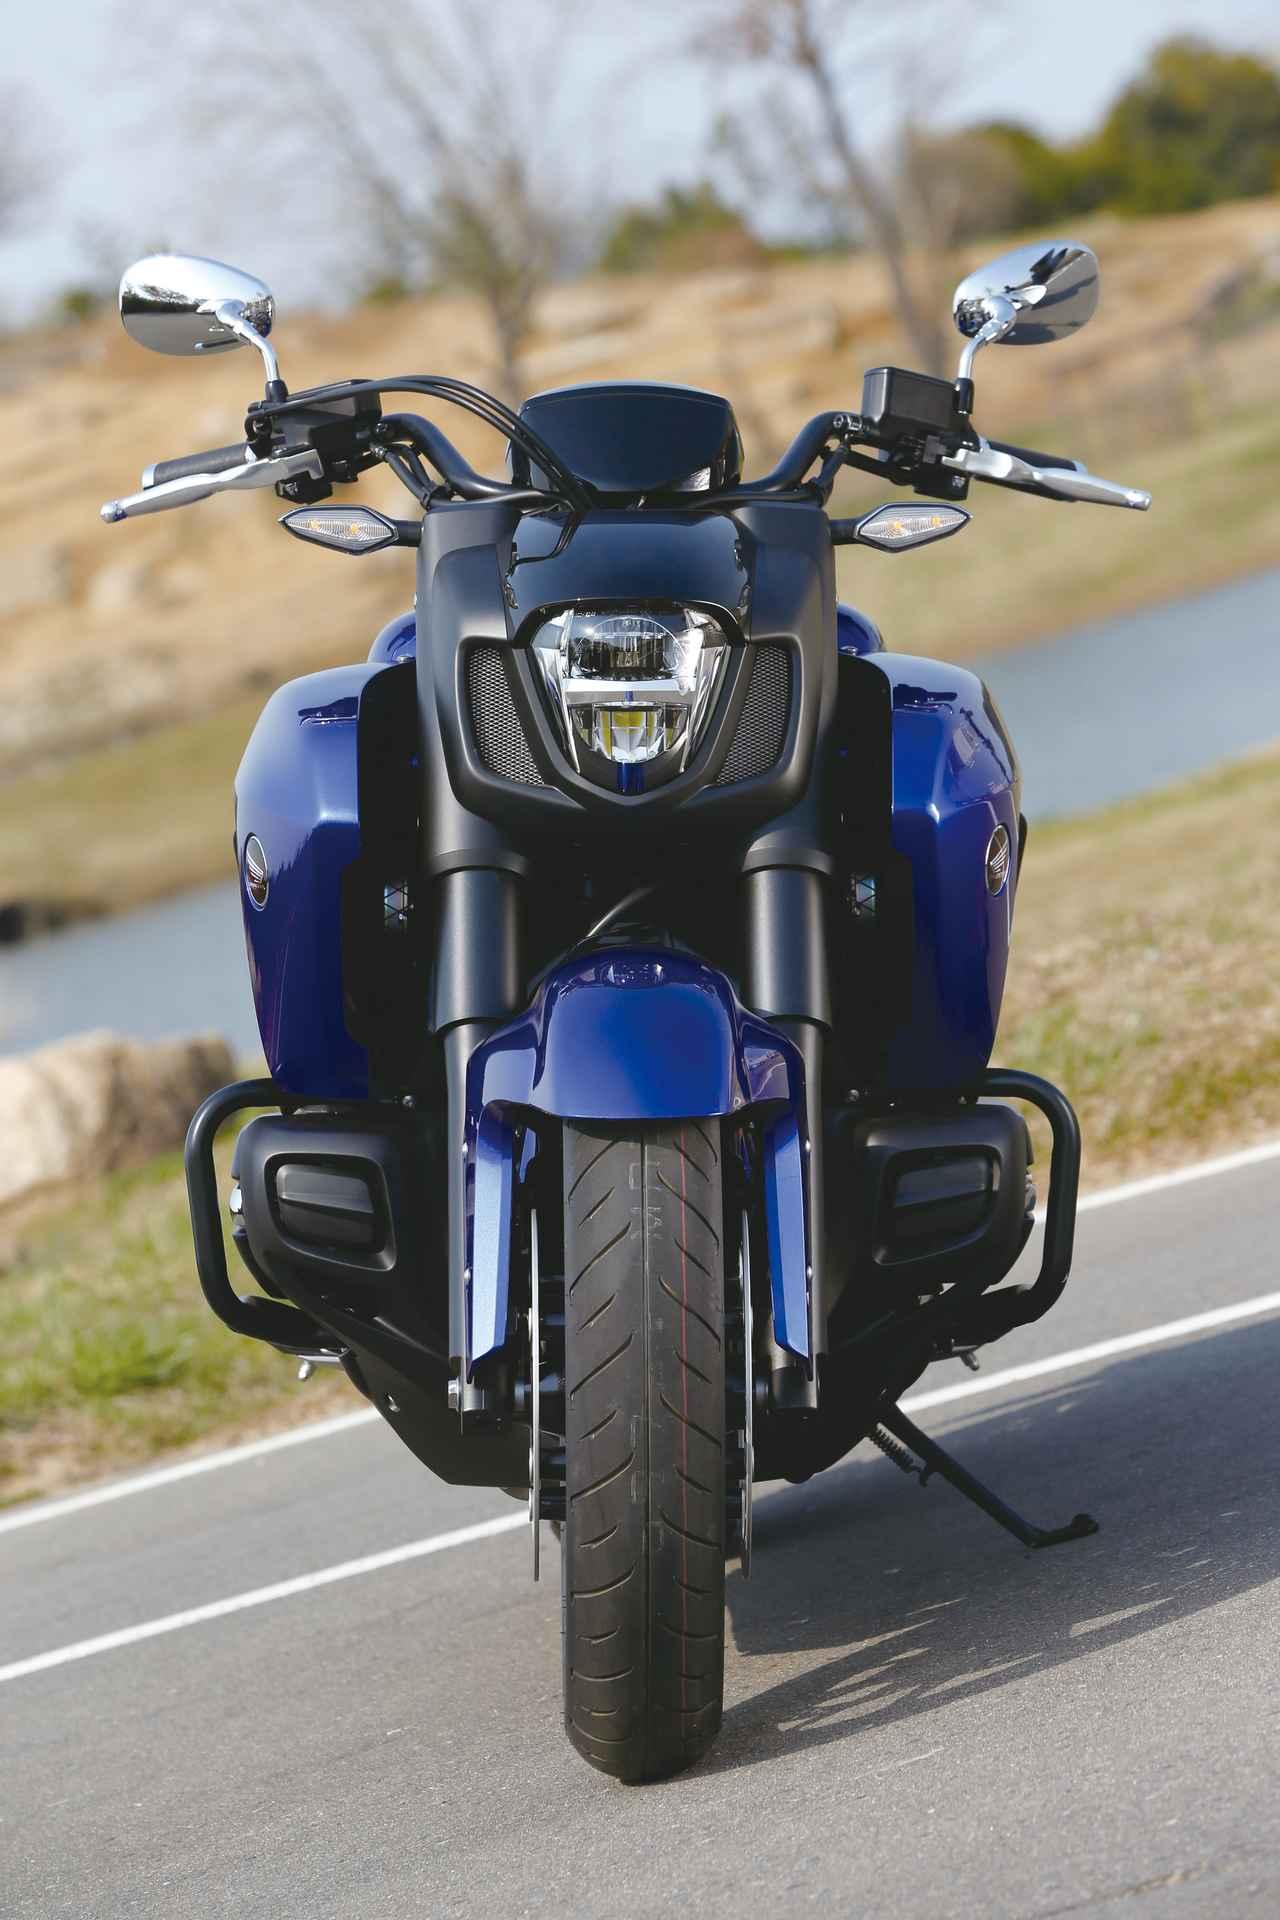 Images : 6番目の画像 - 「F6Cのデザインは「猛獣が獲物に襲いかかるイメージ」をモチーフにしている『HONDA GOLDWING F6C』(2014年)」のアルバム - webオートバイ